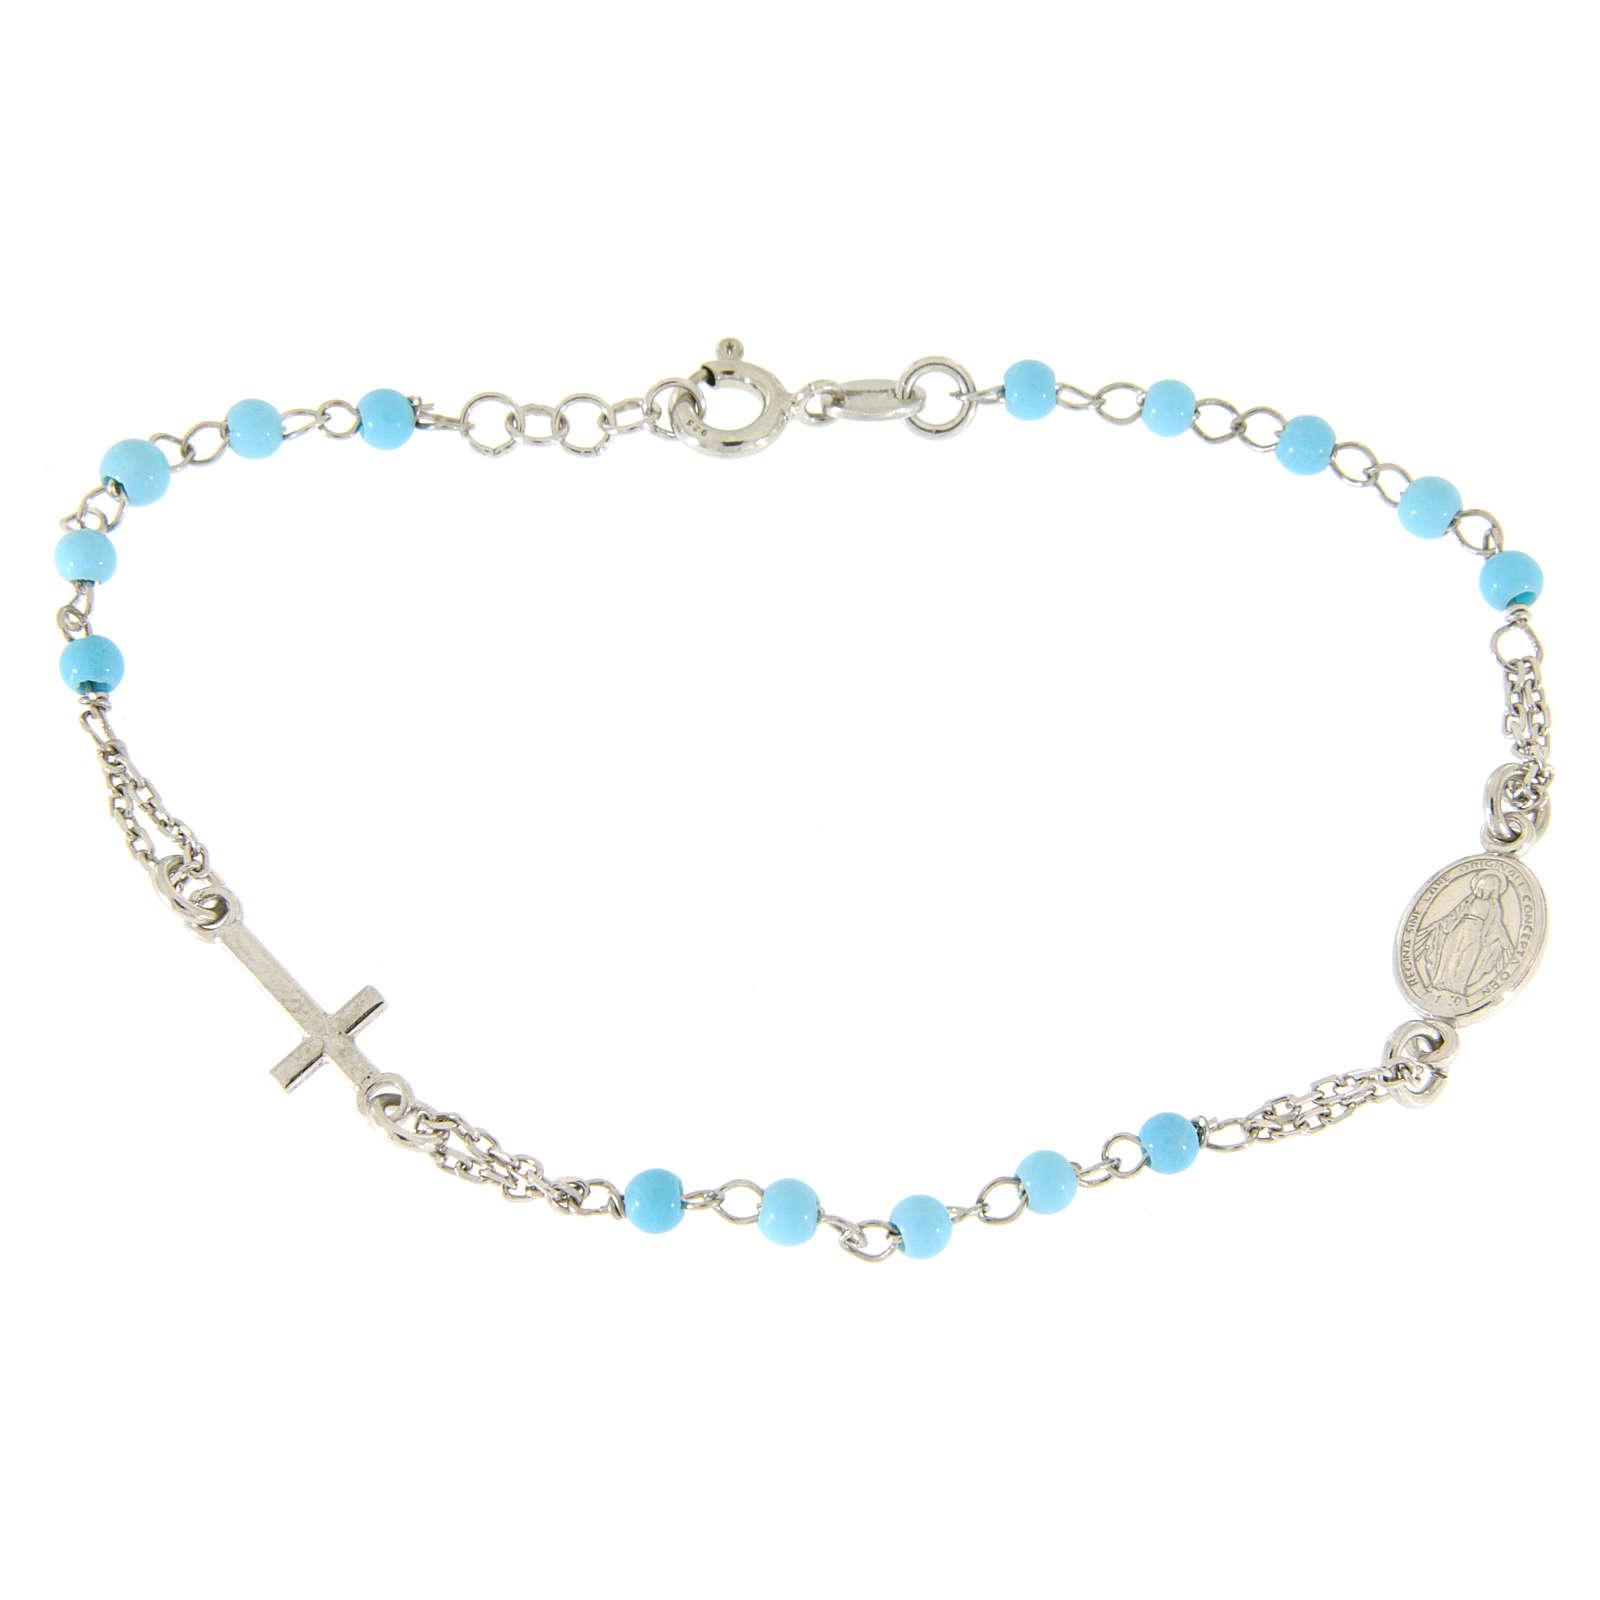 Bracciale rosario argento 925 con sfere azzurre 4mm 4